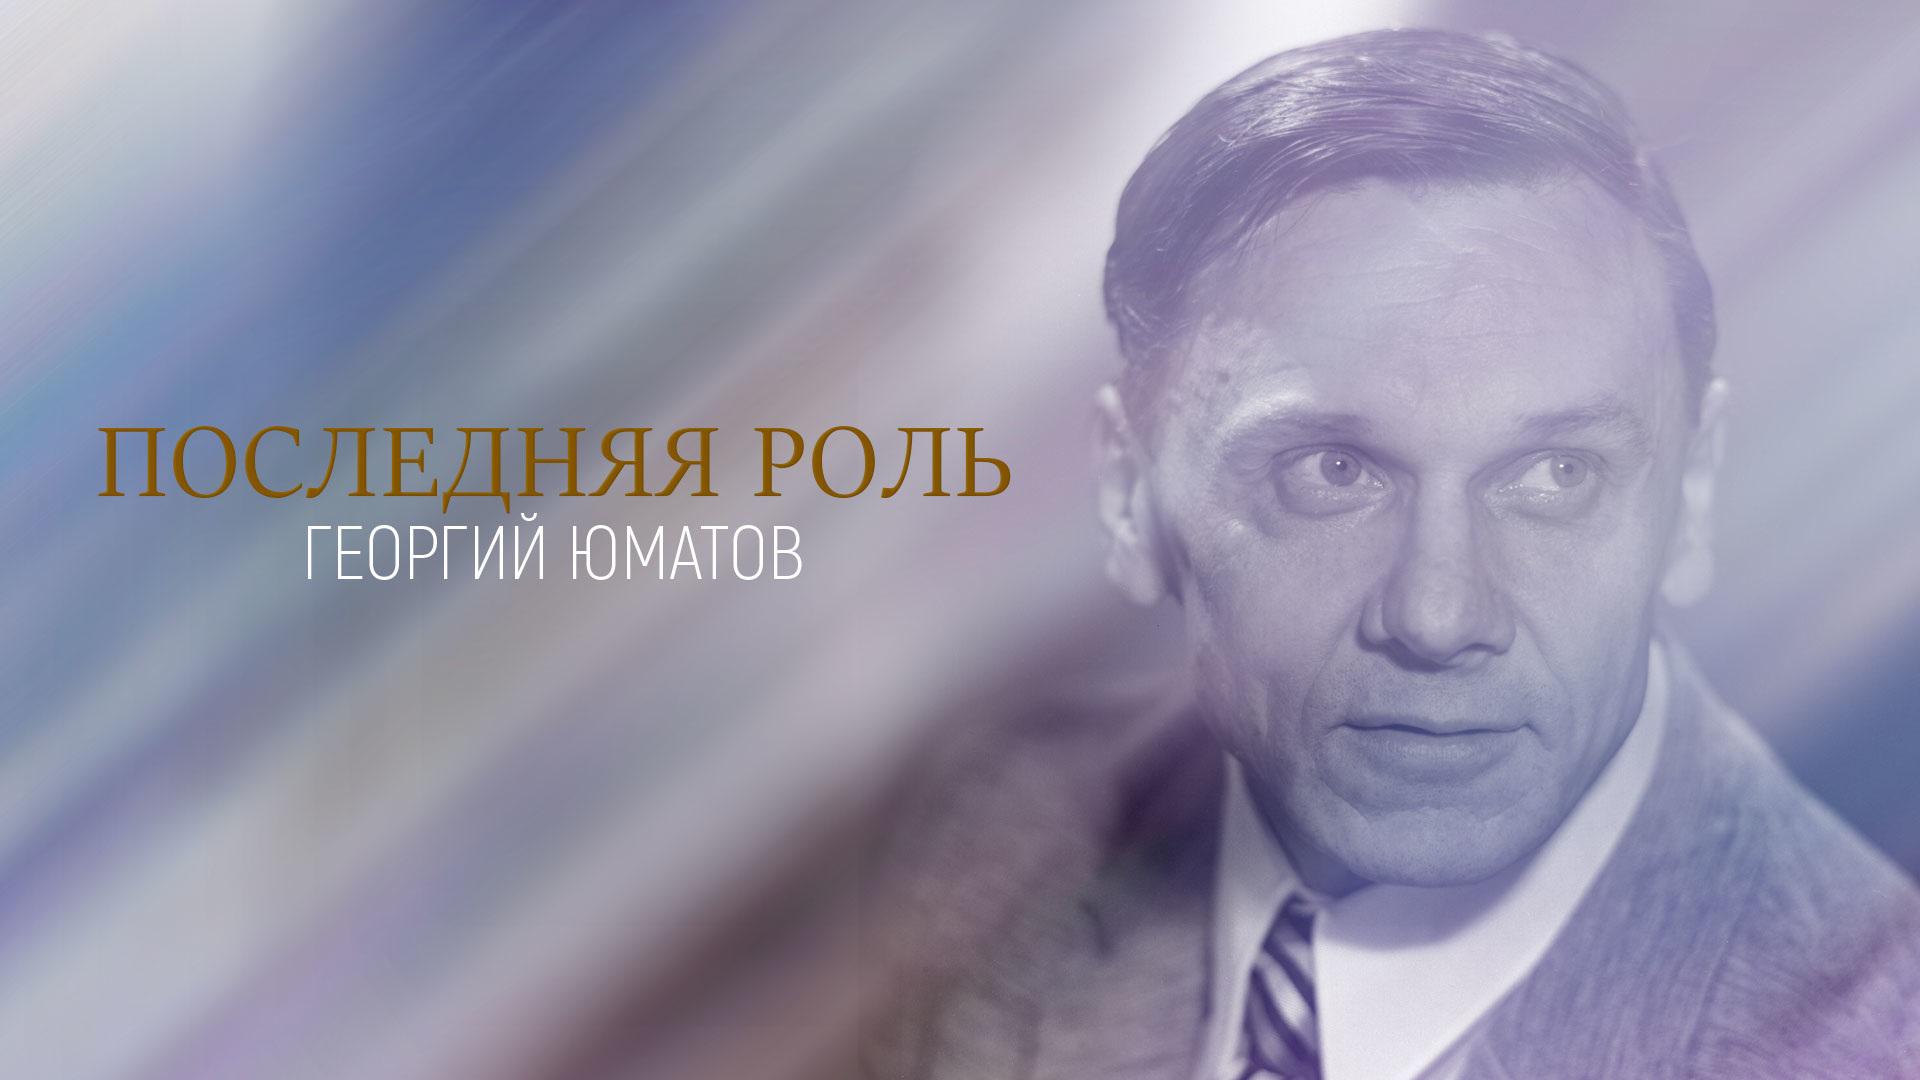 Последняя роль. Георгий Юматов